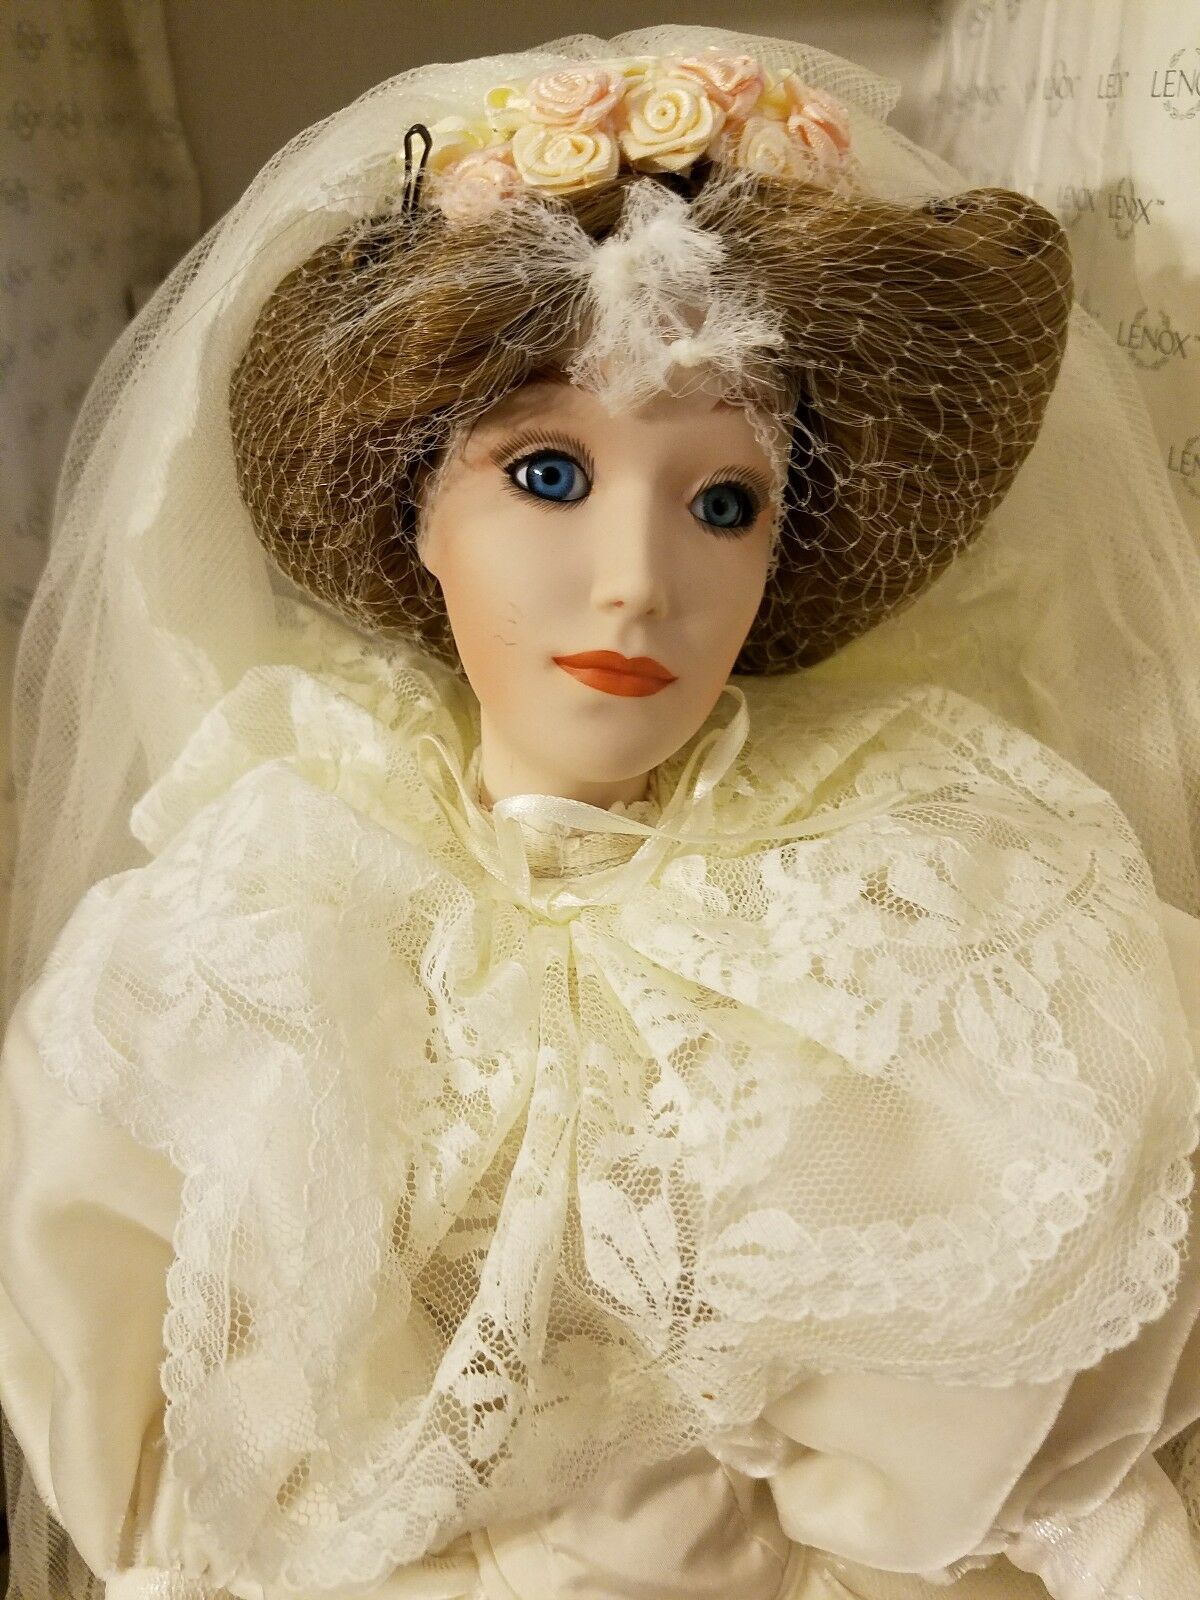 The  Lenox Victorian Bride bambola with papers  risparmiare sulla liquidazione